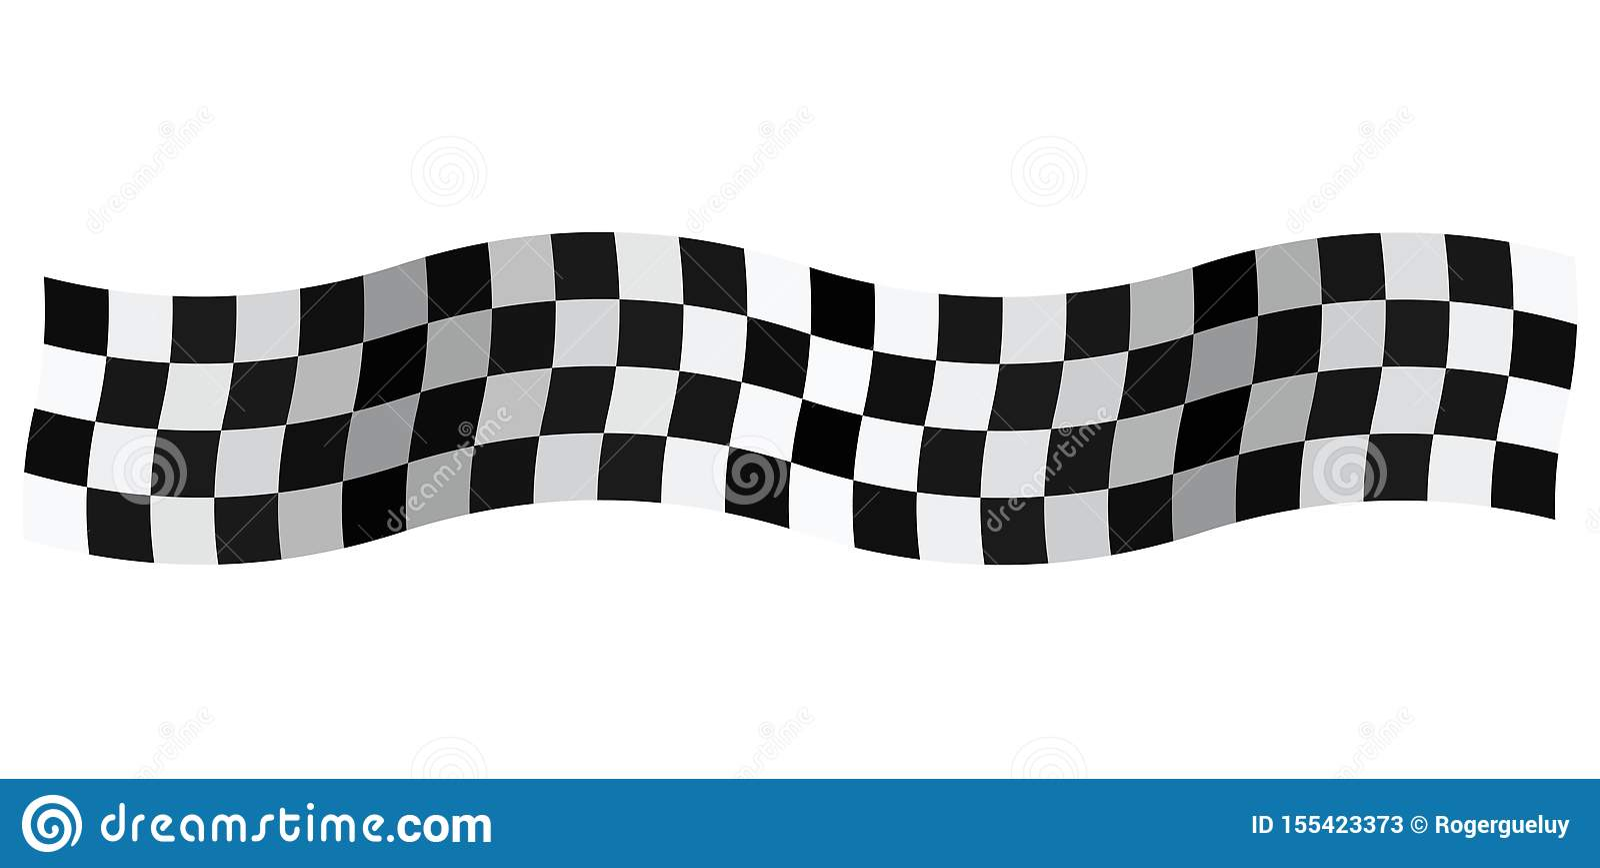 Banner Checkered Flag Isolated On White Background Stock Vector Illustration Of Prevent Banner 155423373